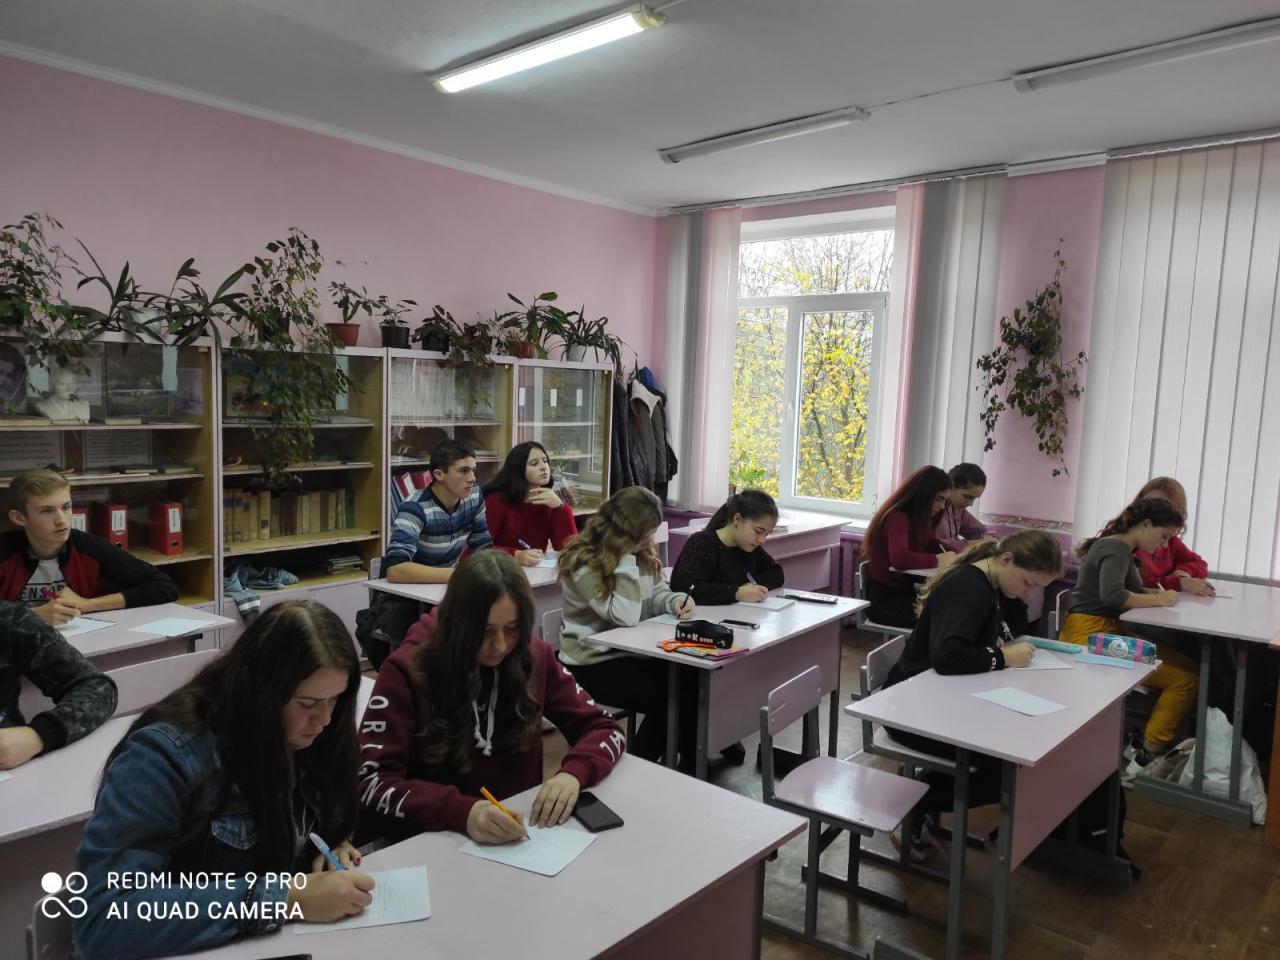 http://dunrada.gov.ua/uploadfile/archive_news/2020/11/09/2020-11-09_7266/images/images-87661.jpg